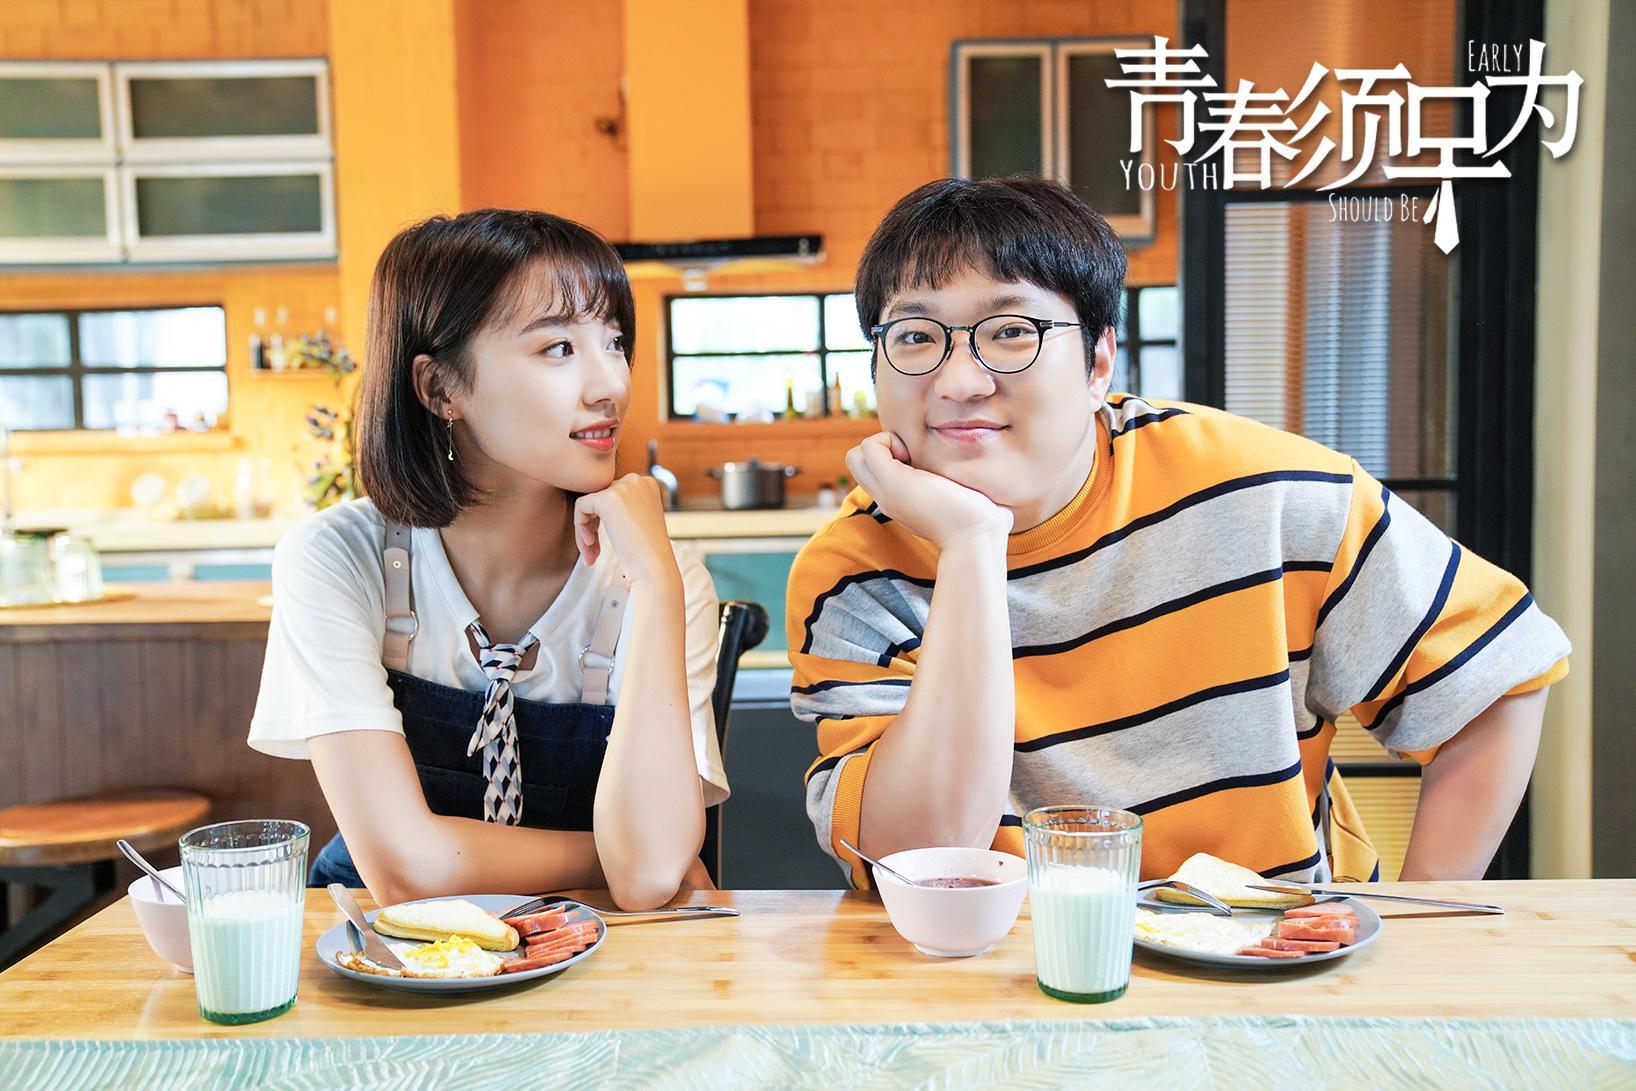 《青春须早为》发布新年海报 安泳畅清新助力创业梦